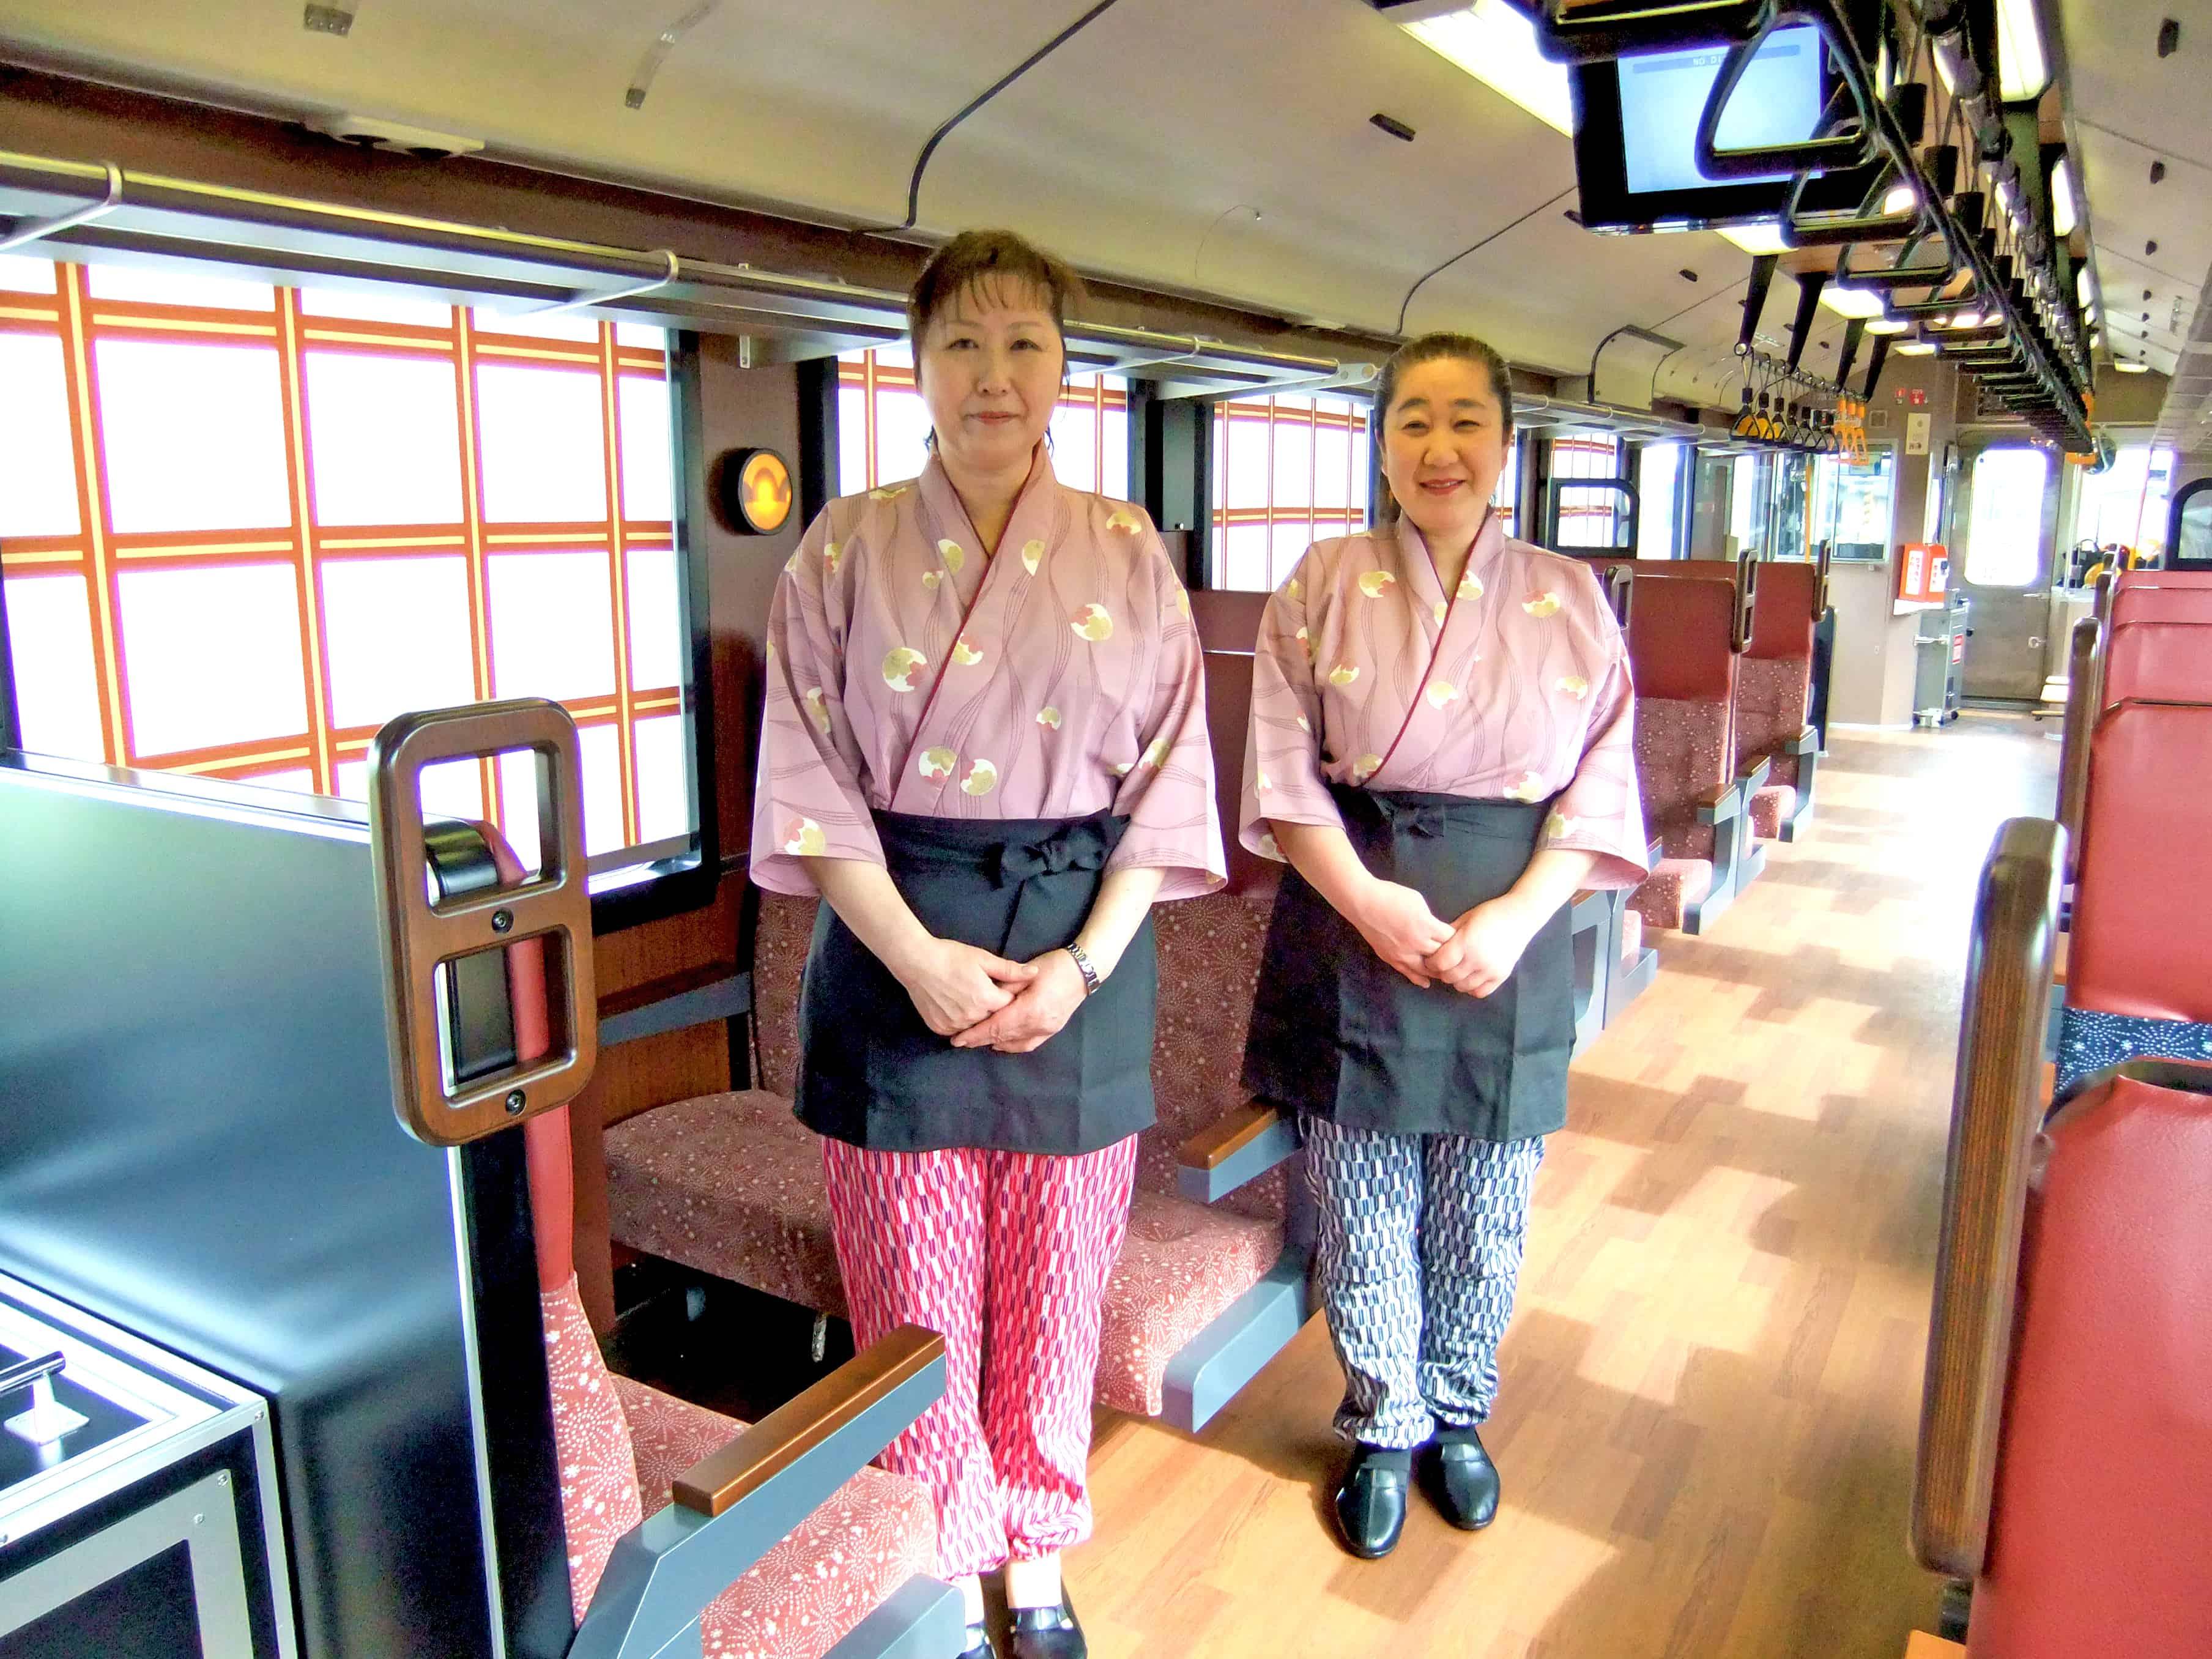 ด้านในของรถไฟ Joyful Train Oykot มีดีไซน์ที่เป็นเอกลักษณ์และมีเจ้าหน้าที่ใส่ชุดคอสตูมเข้ากับดีไซน์ขบวนรถ